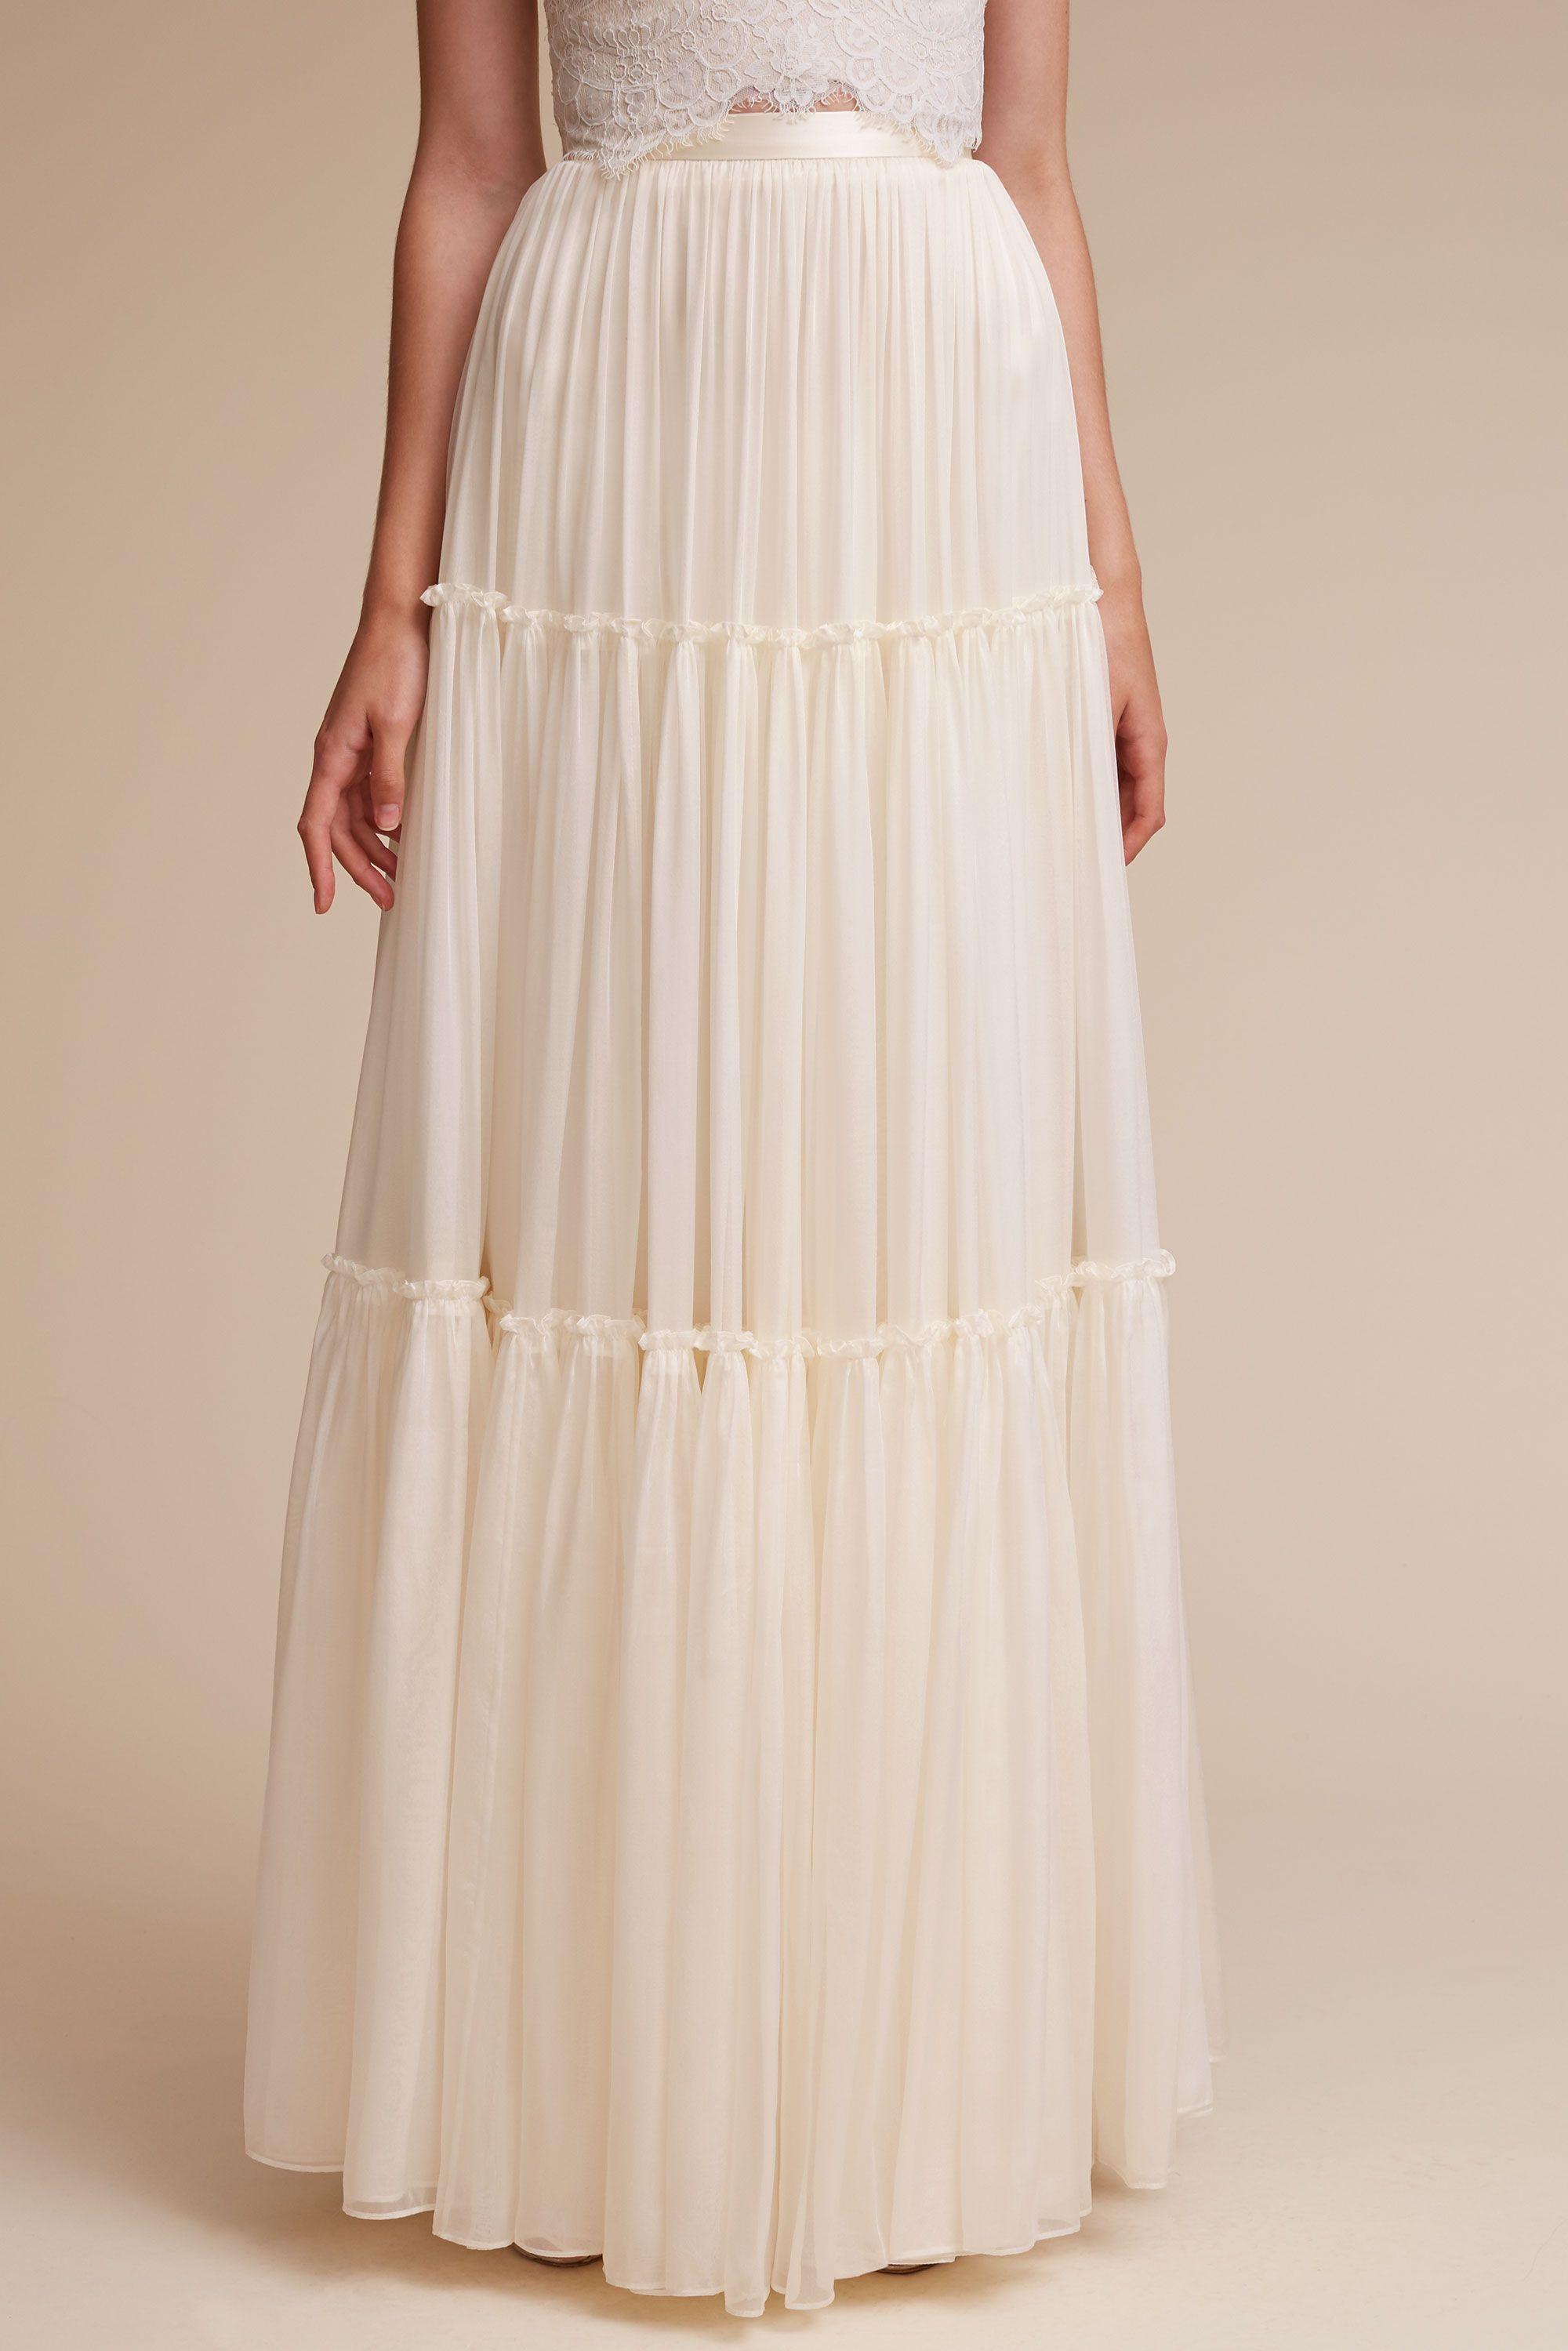 Agatha Skirt